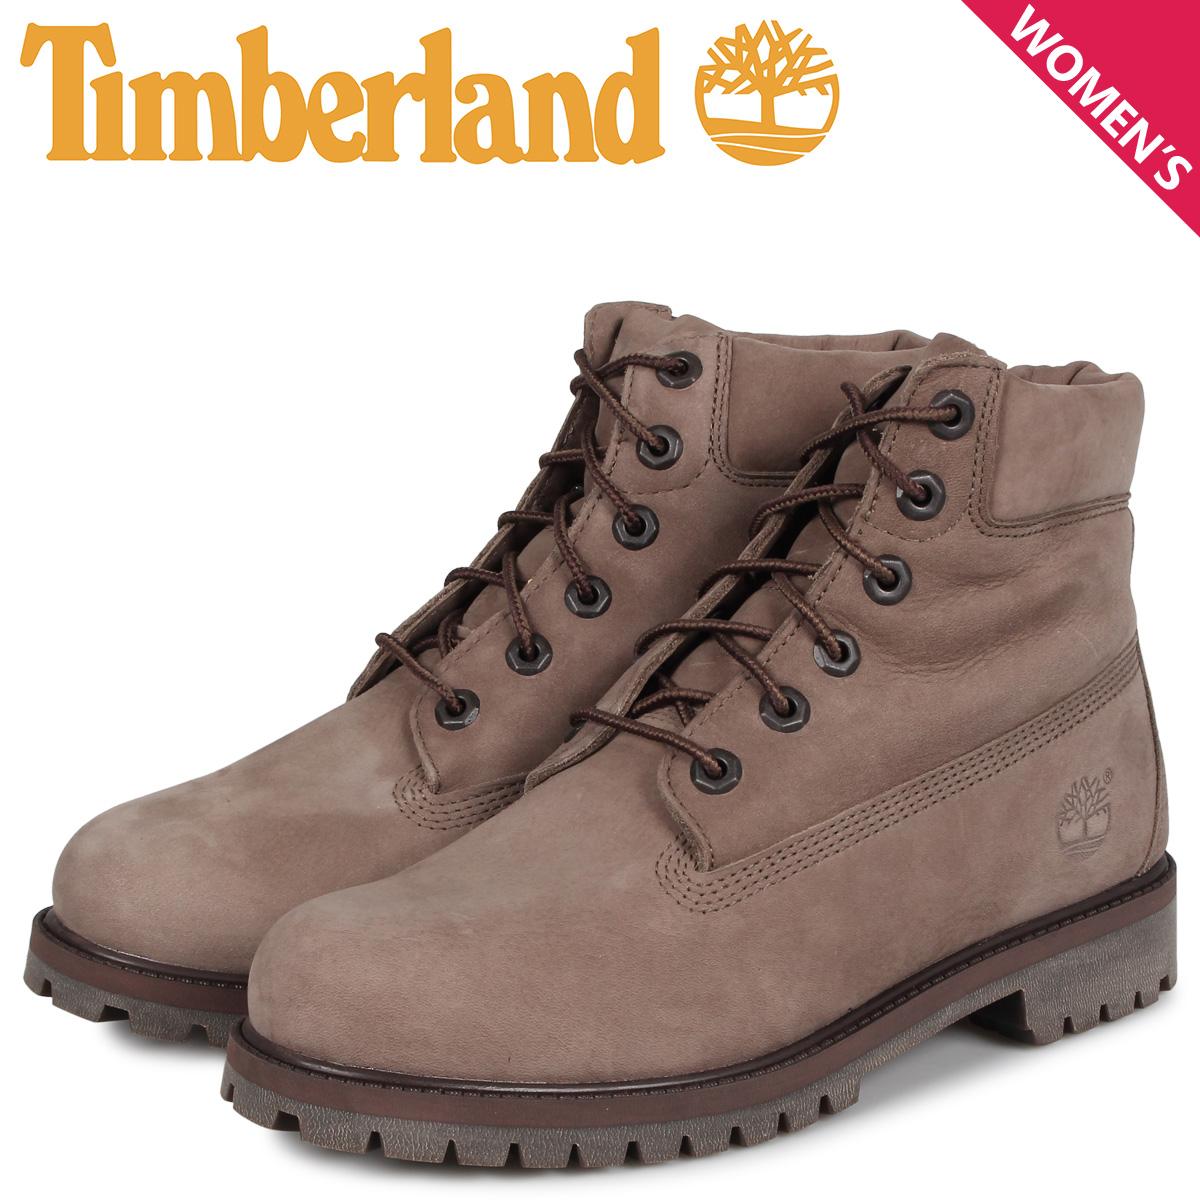 ティンバーランド Timberland ブーツ レディース 6インチ プレミアム JUNIOR 6INCH PREMIUM WATERPROOF BOOT オリーブ A294H